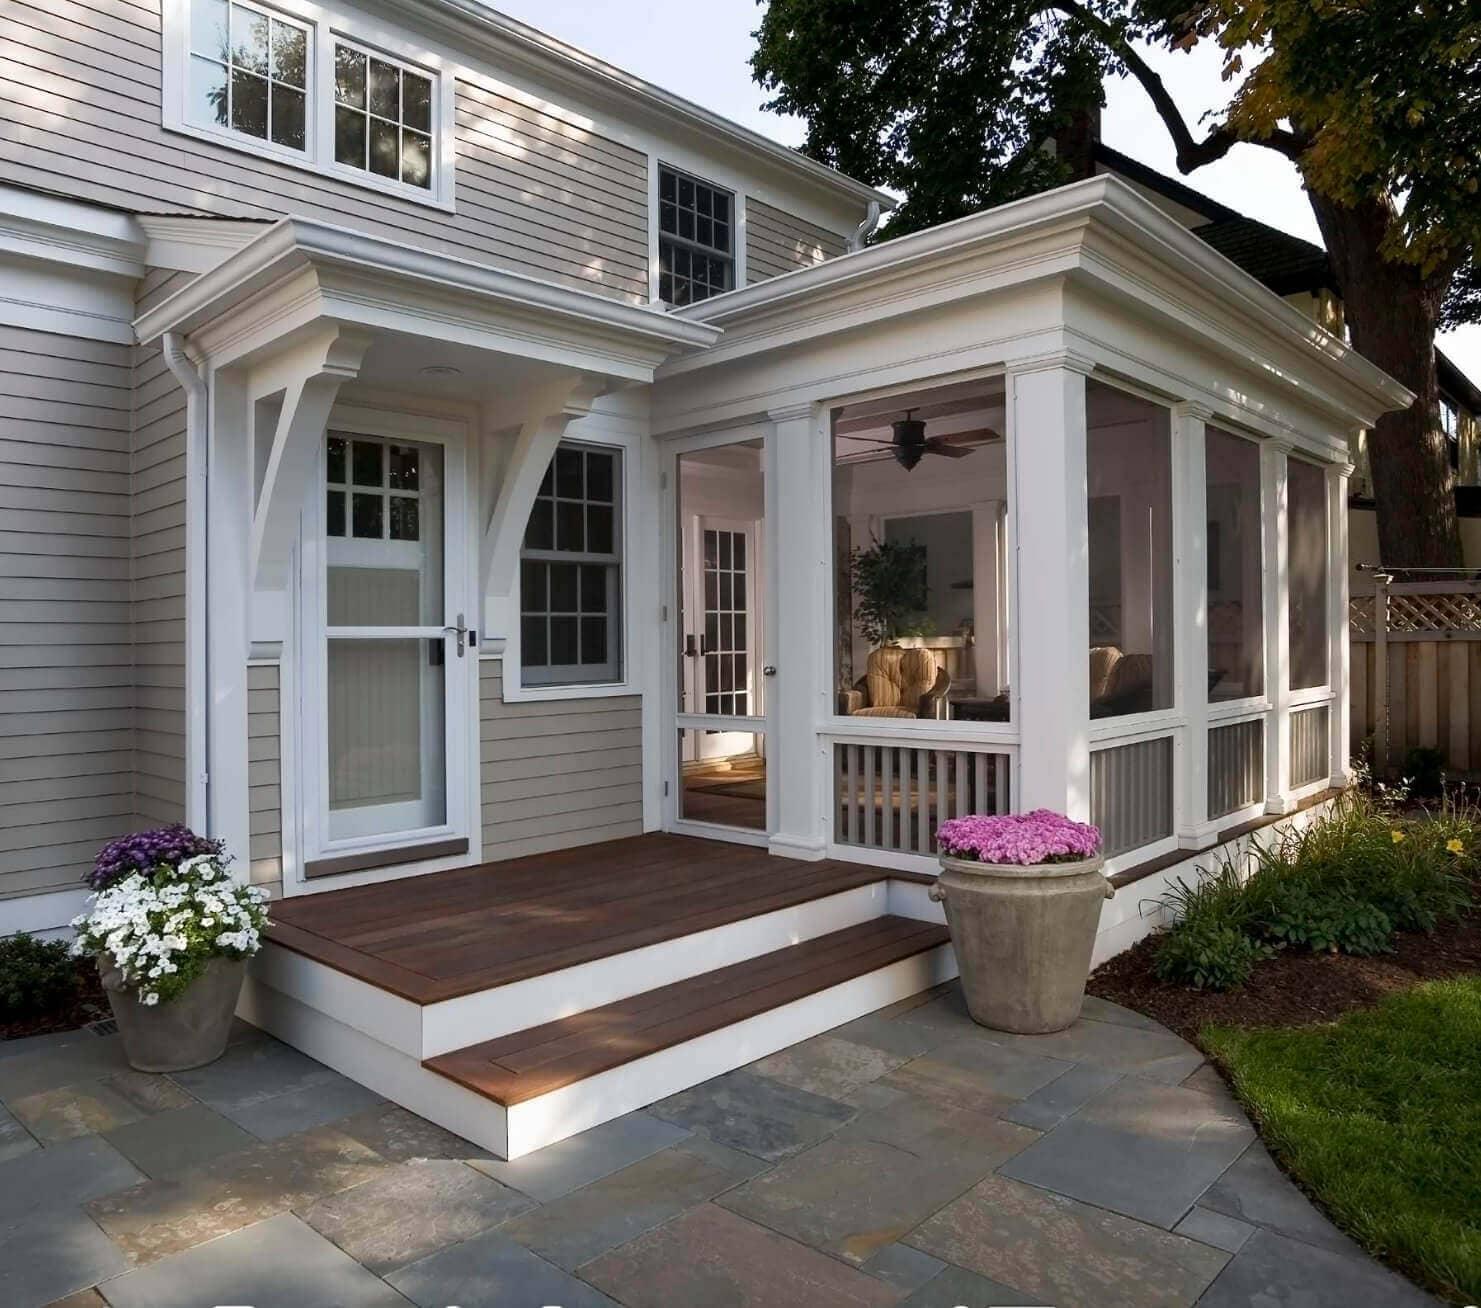 Home Design Ideas Front: Unique And Decorative Front Porch Design Ideas